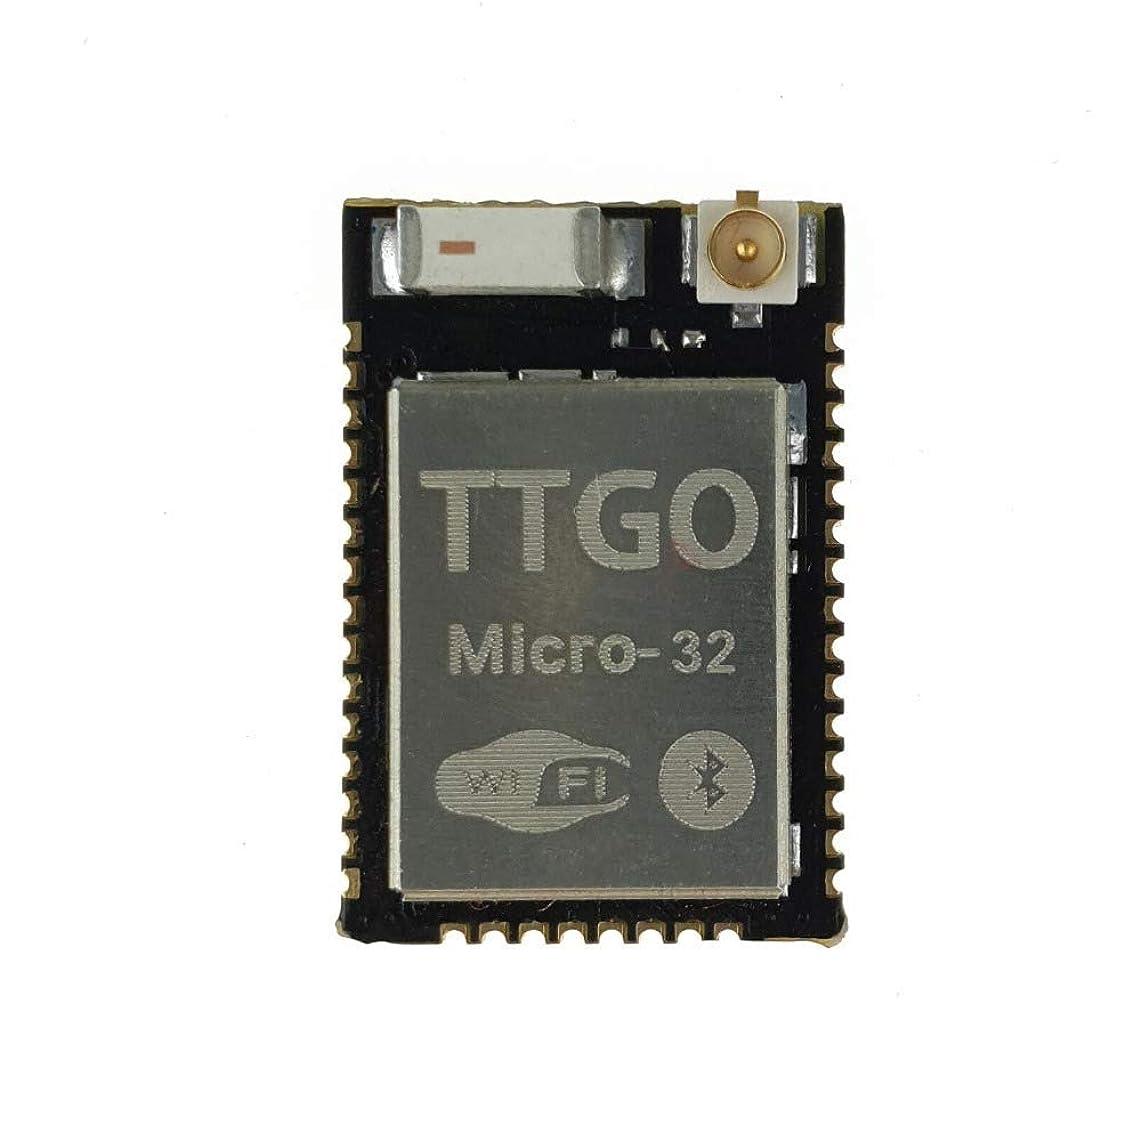 虐殺ユーモラスミニTTGO Micro-32 V2.0 WiFi ワイヤレス Bluetooth モジュール ESP32 PICO-D4 IPEX ESP-32